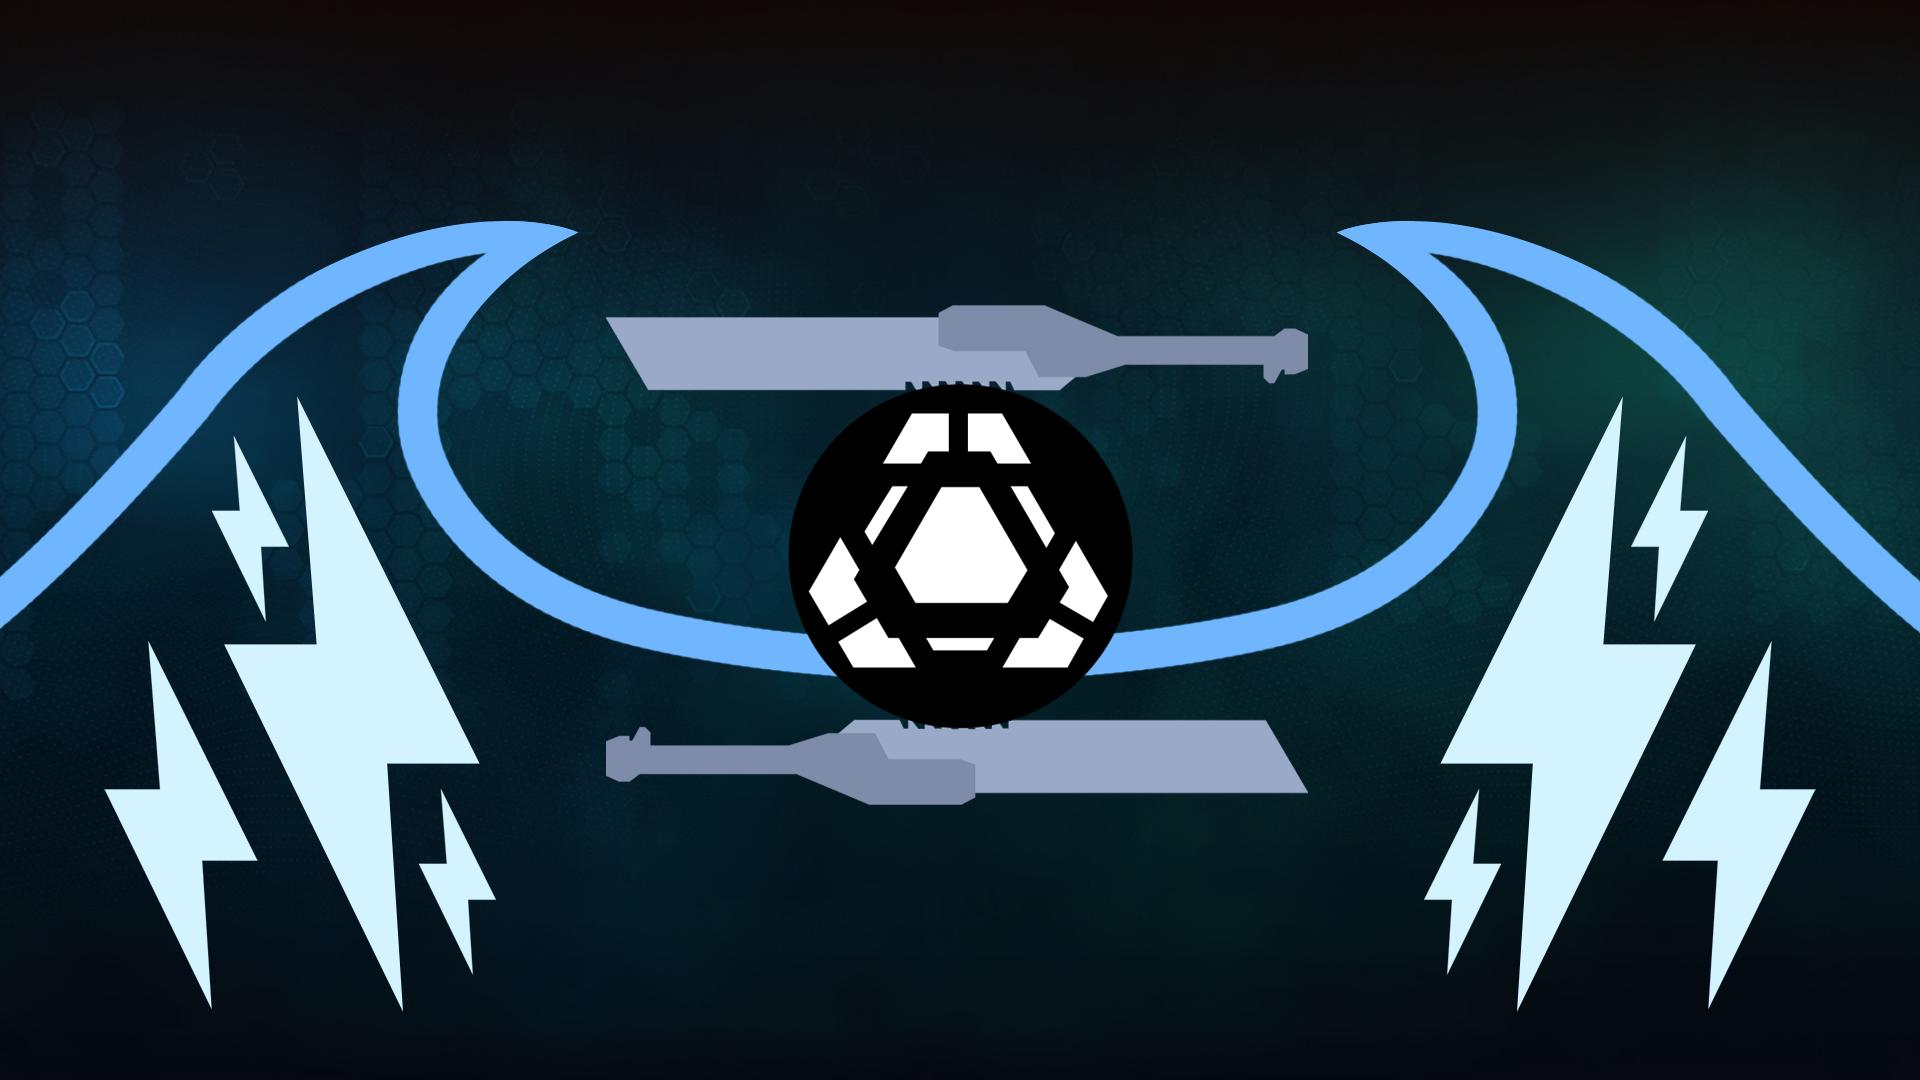 Legion Titanfall Titanfall 2 Scorch Tone Northstar Ronin Titanfall Hd Wallpaper Latest Hd Wallpapers